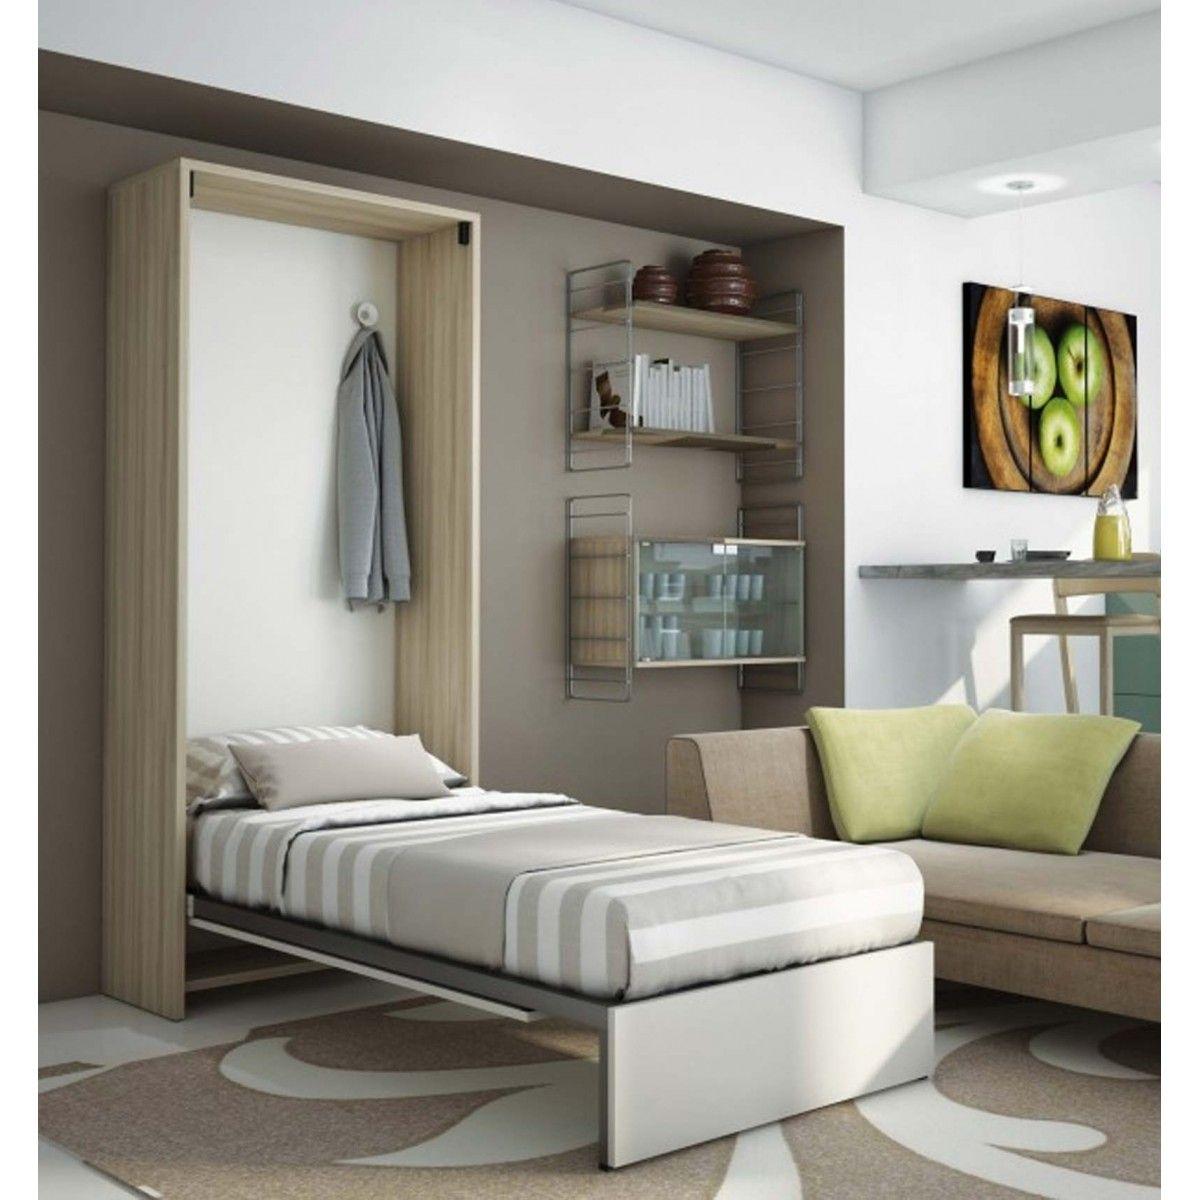 Mobile letto maconi - Mobile letto singolo ...